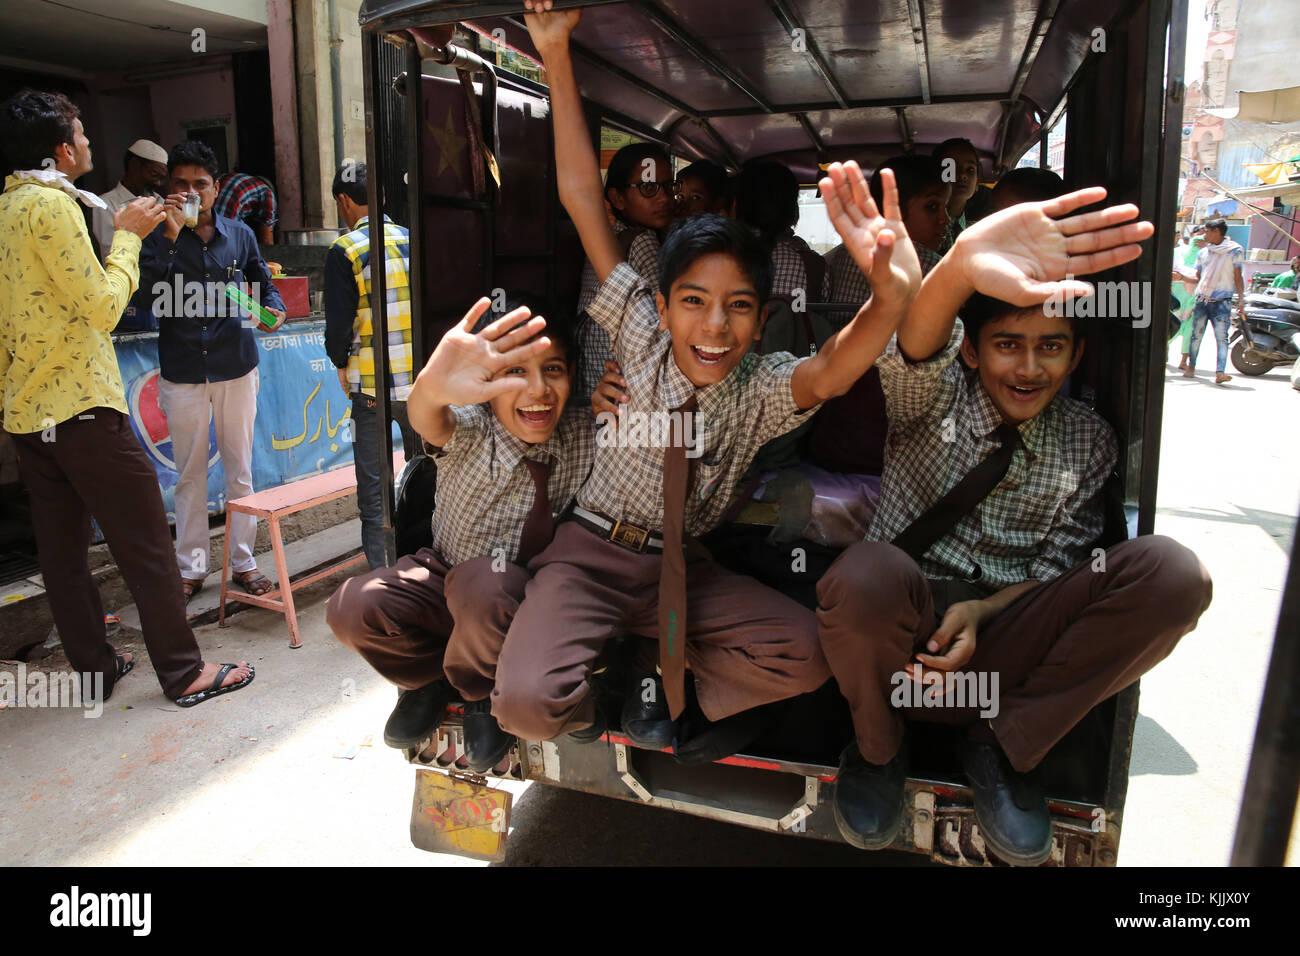 Ajmer collégiens forme à partir d'un véhicule. L'Inde. Photo Stock